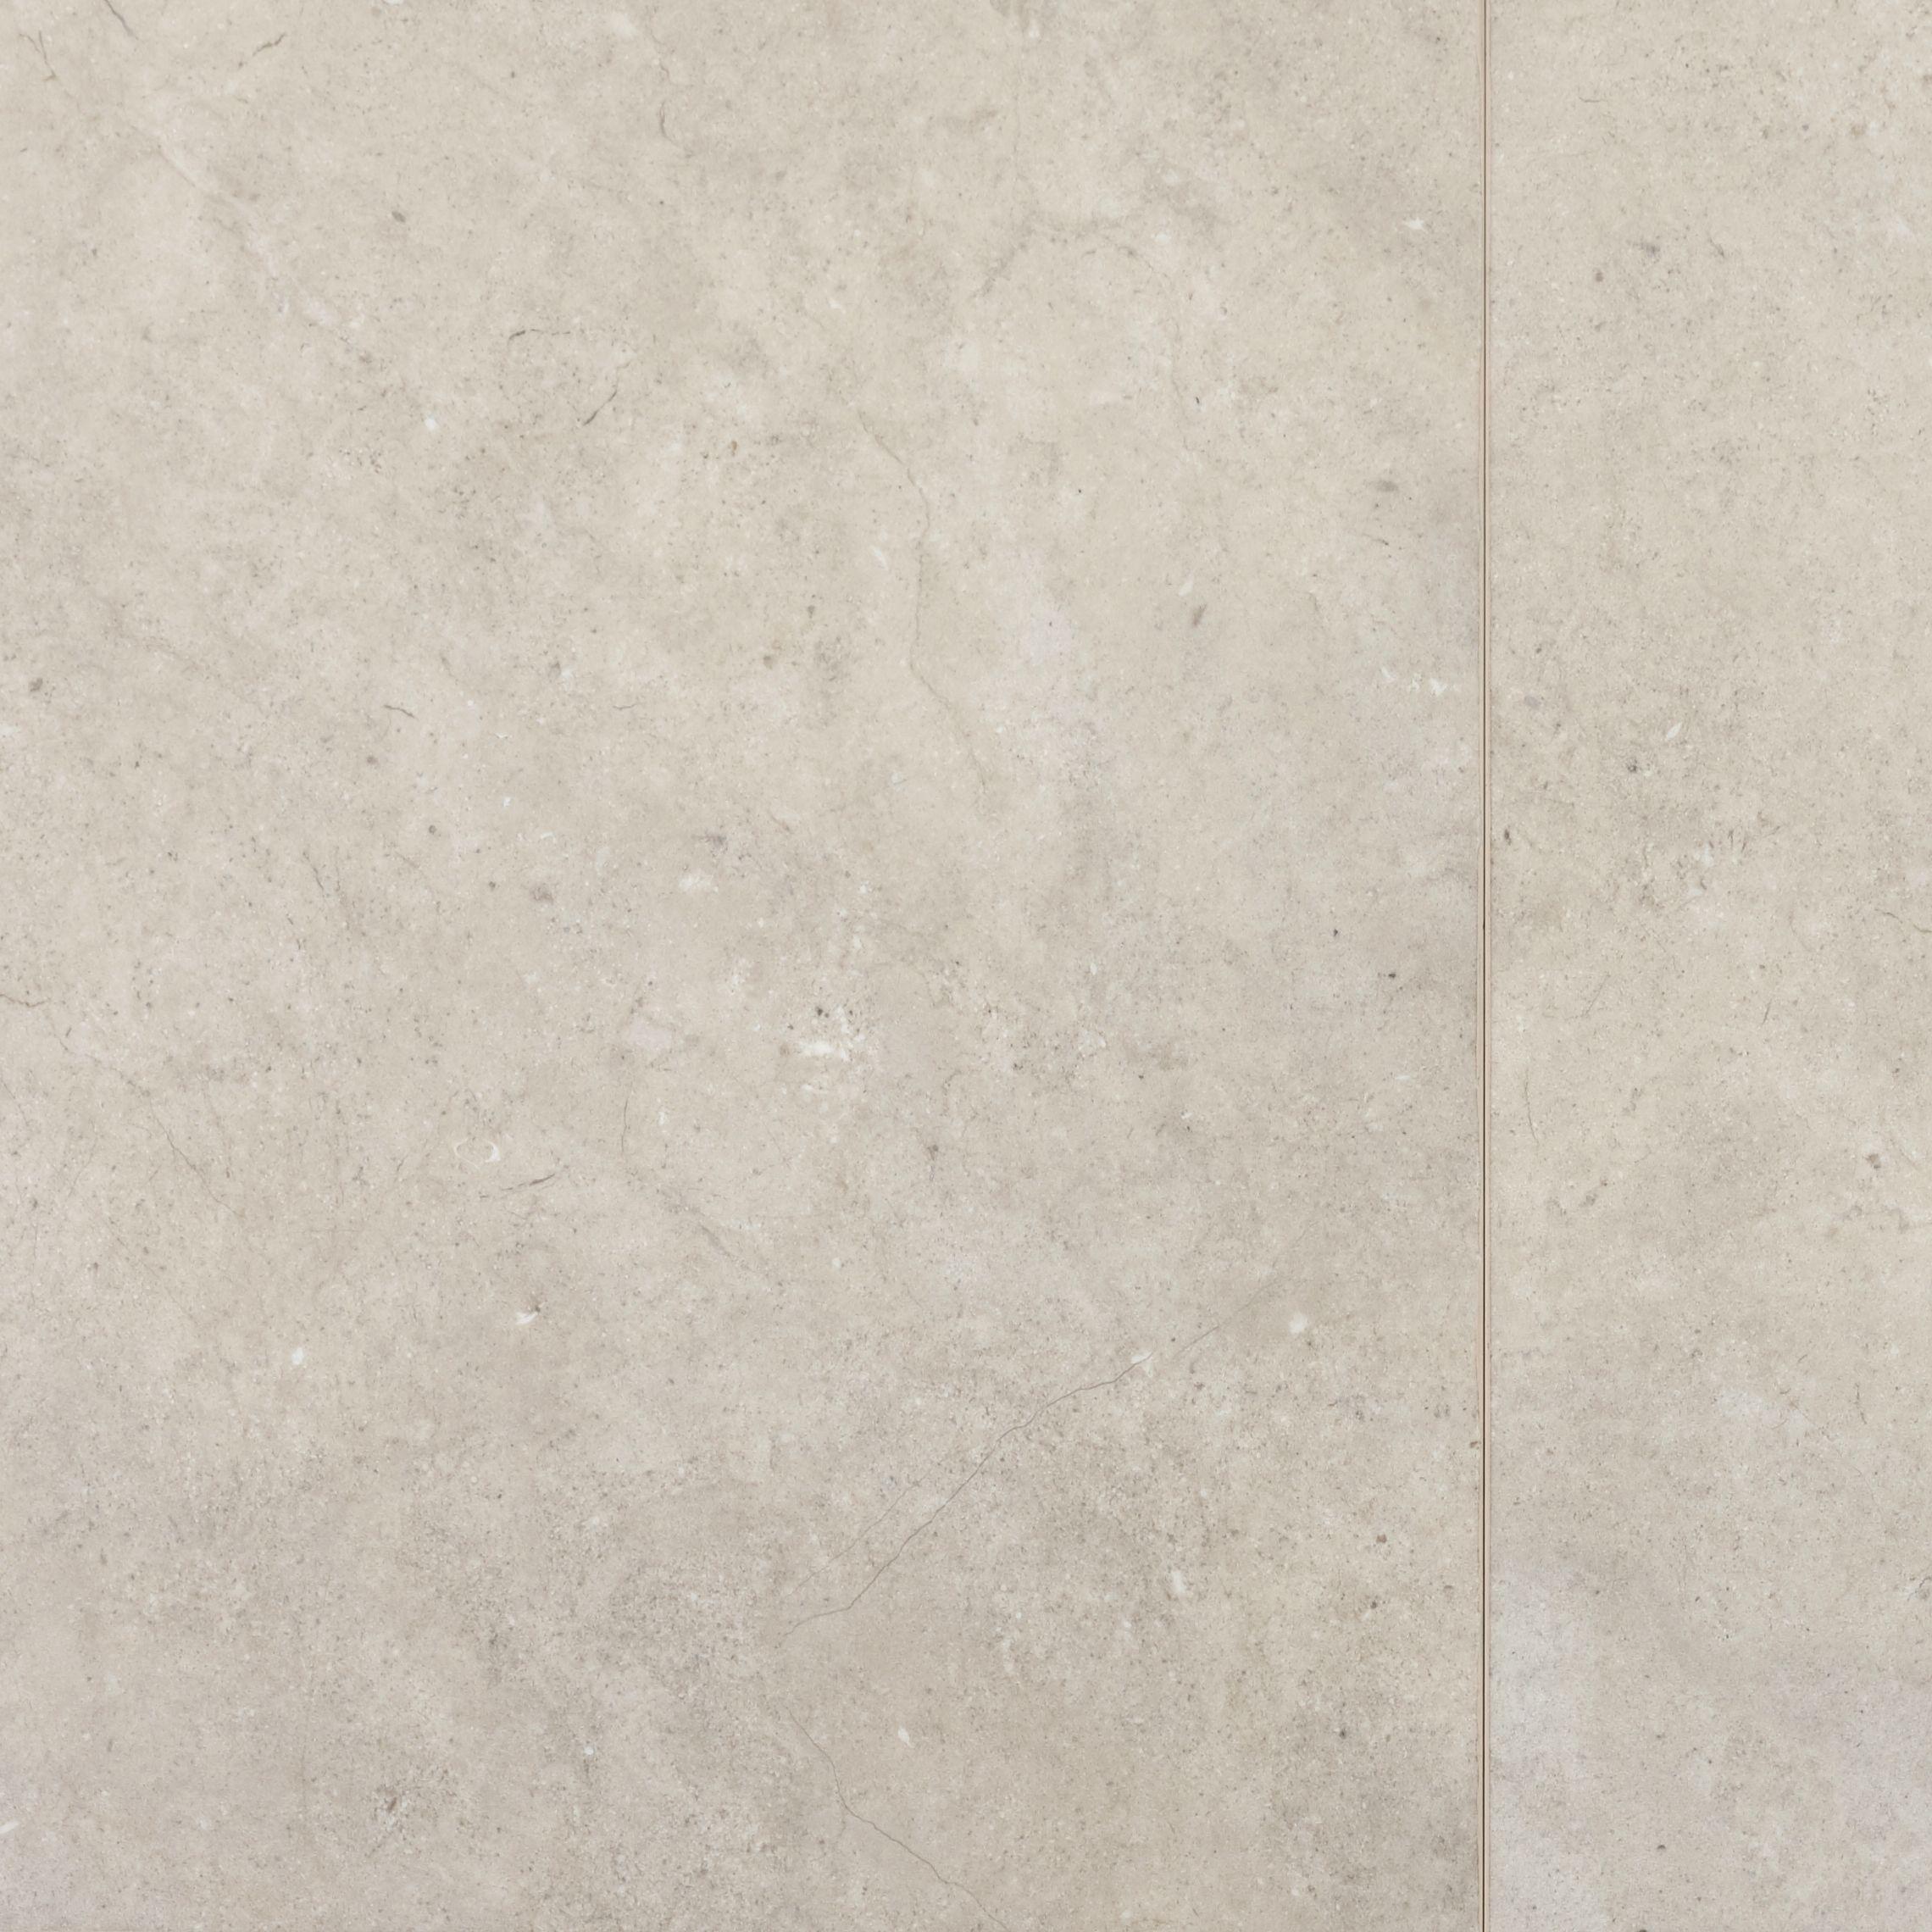 Dalle Pvc à Clipser Us Floors Coretec Stone Plus Carina Dalle Pvc Dalle Sol Pvc Plancher